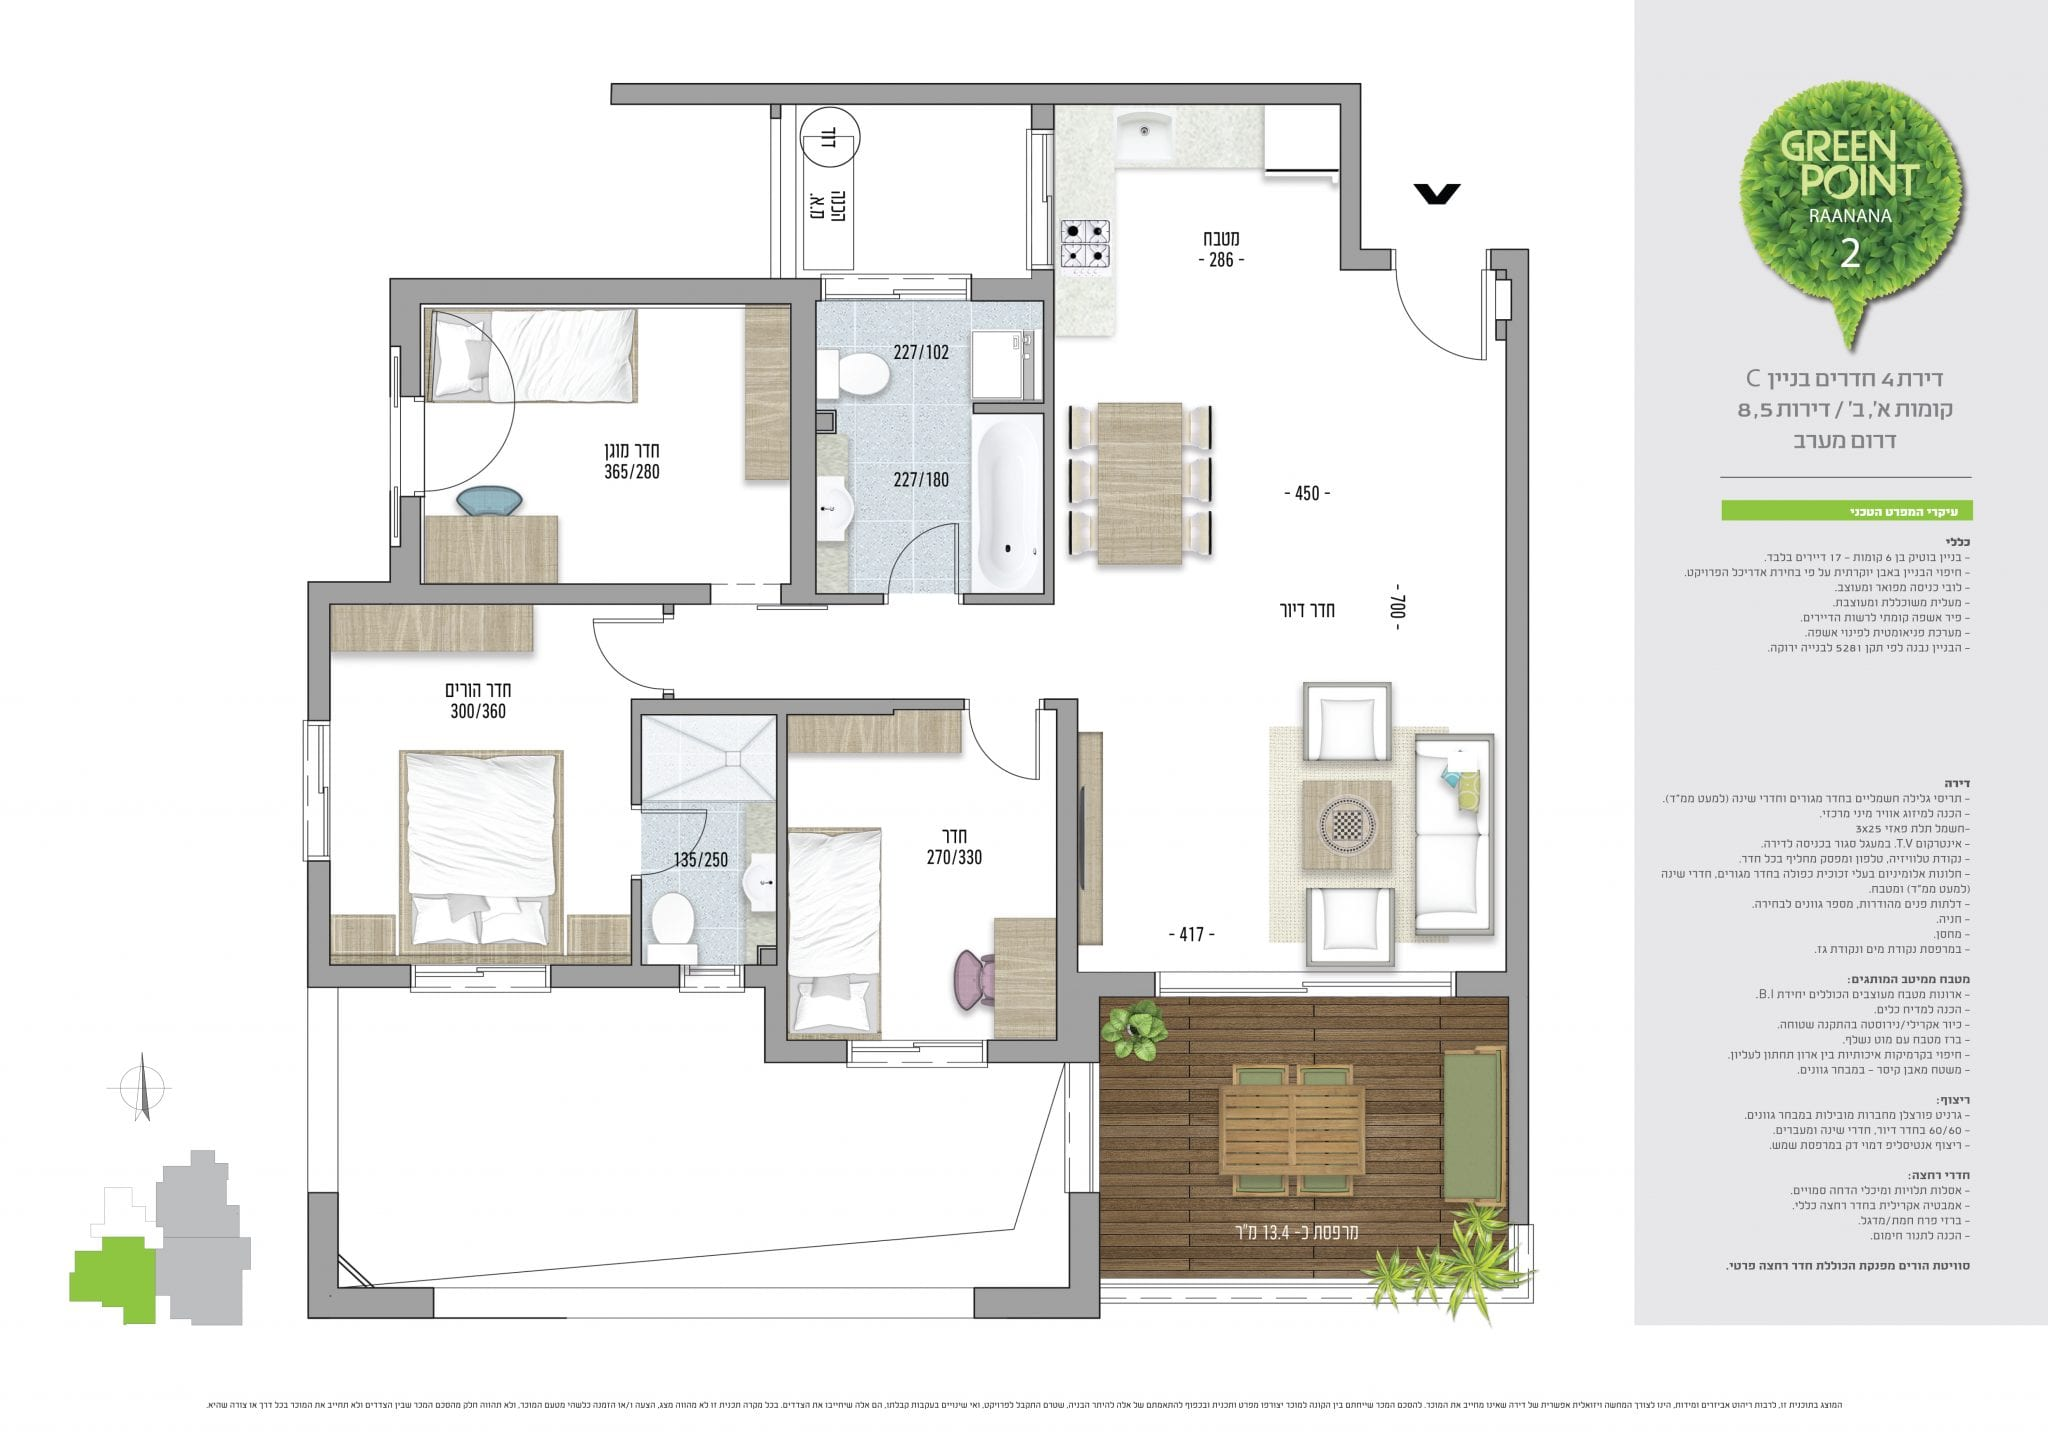 דירת 4 חדרים, קומות 1,2, מספר 5,8